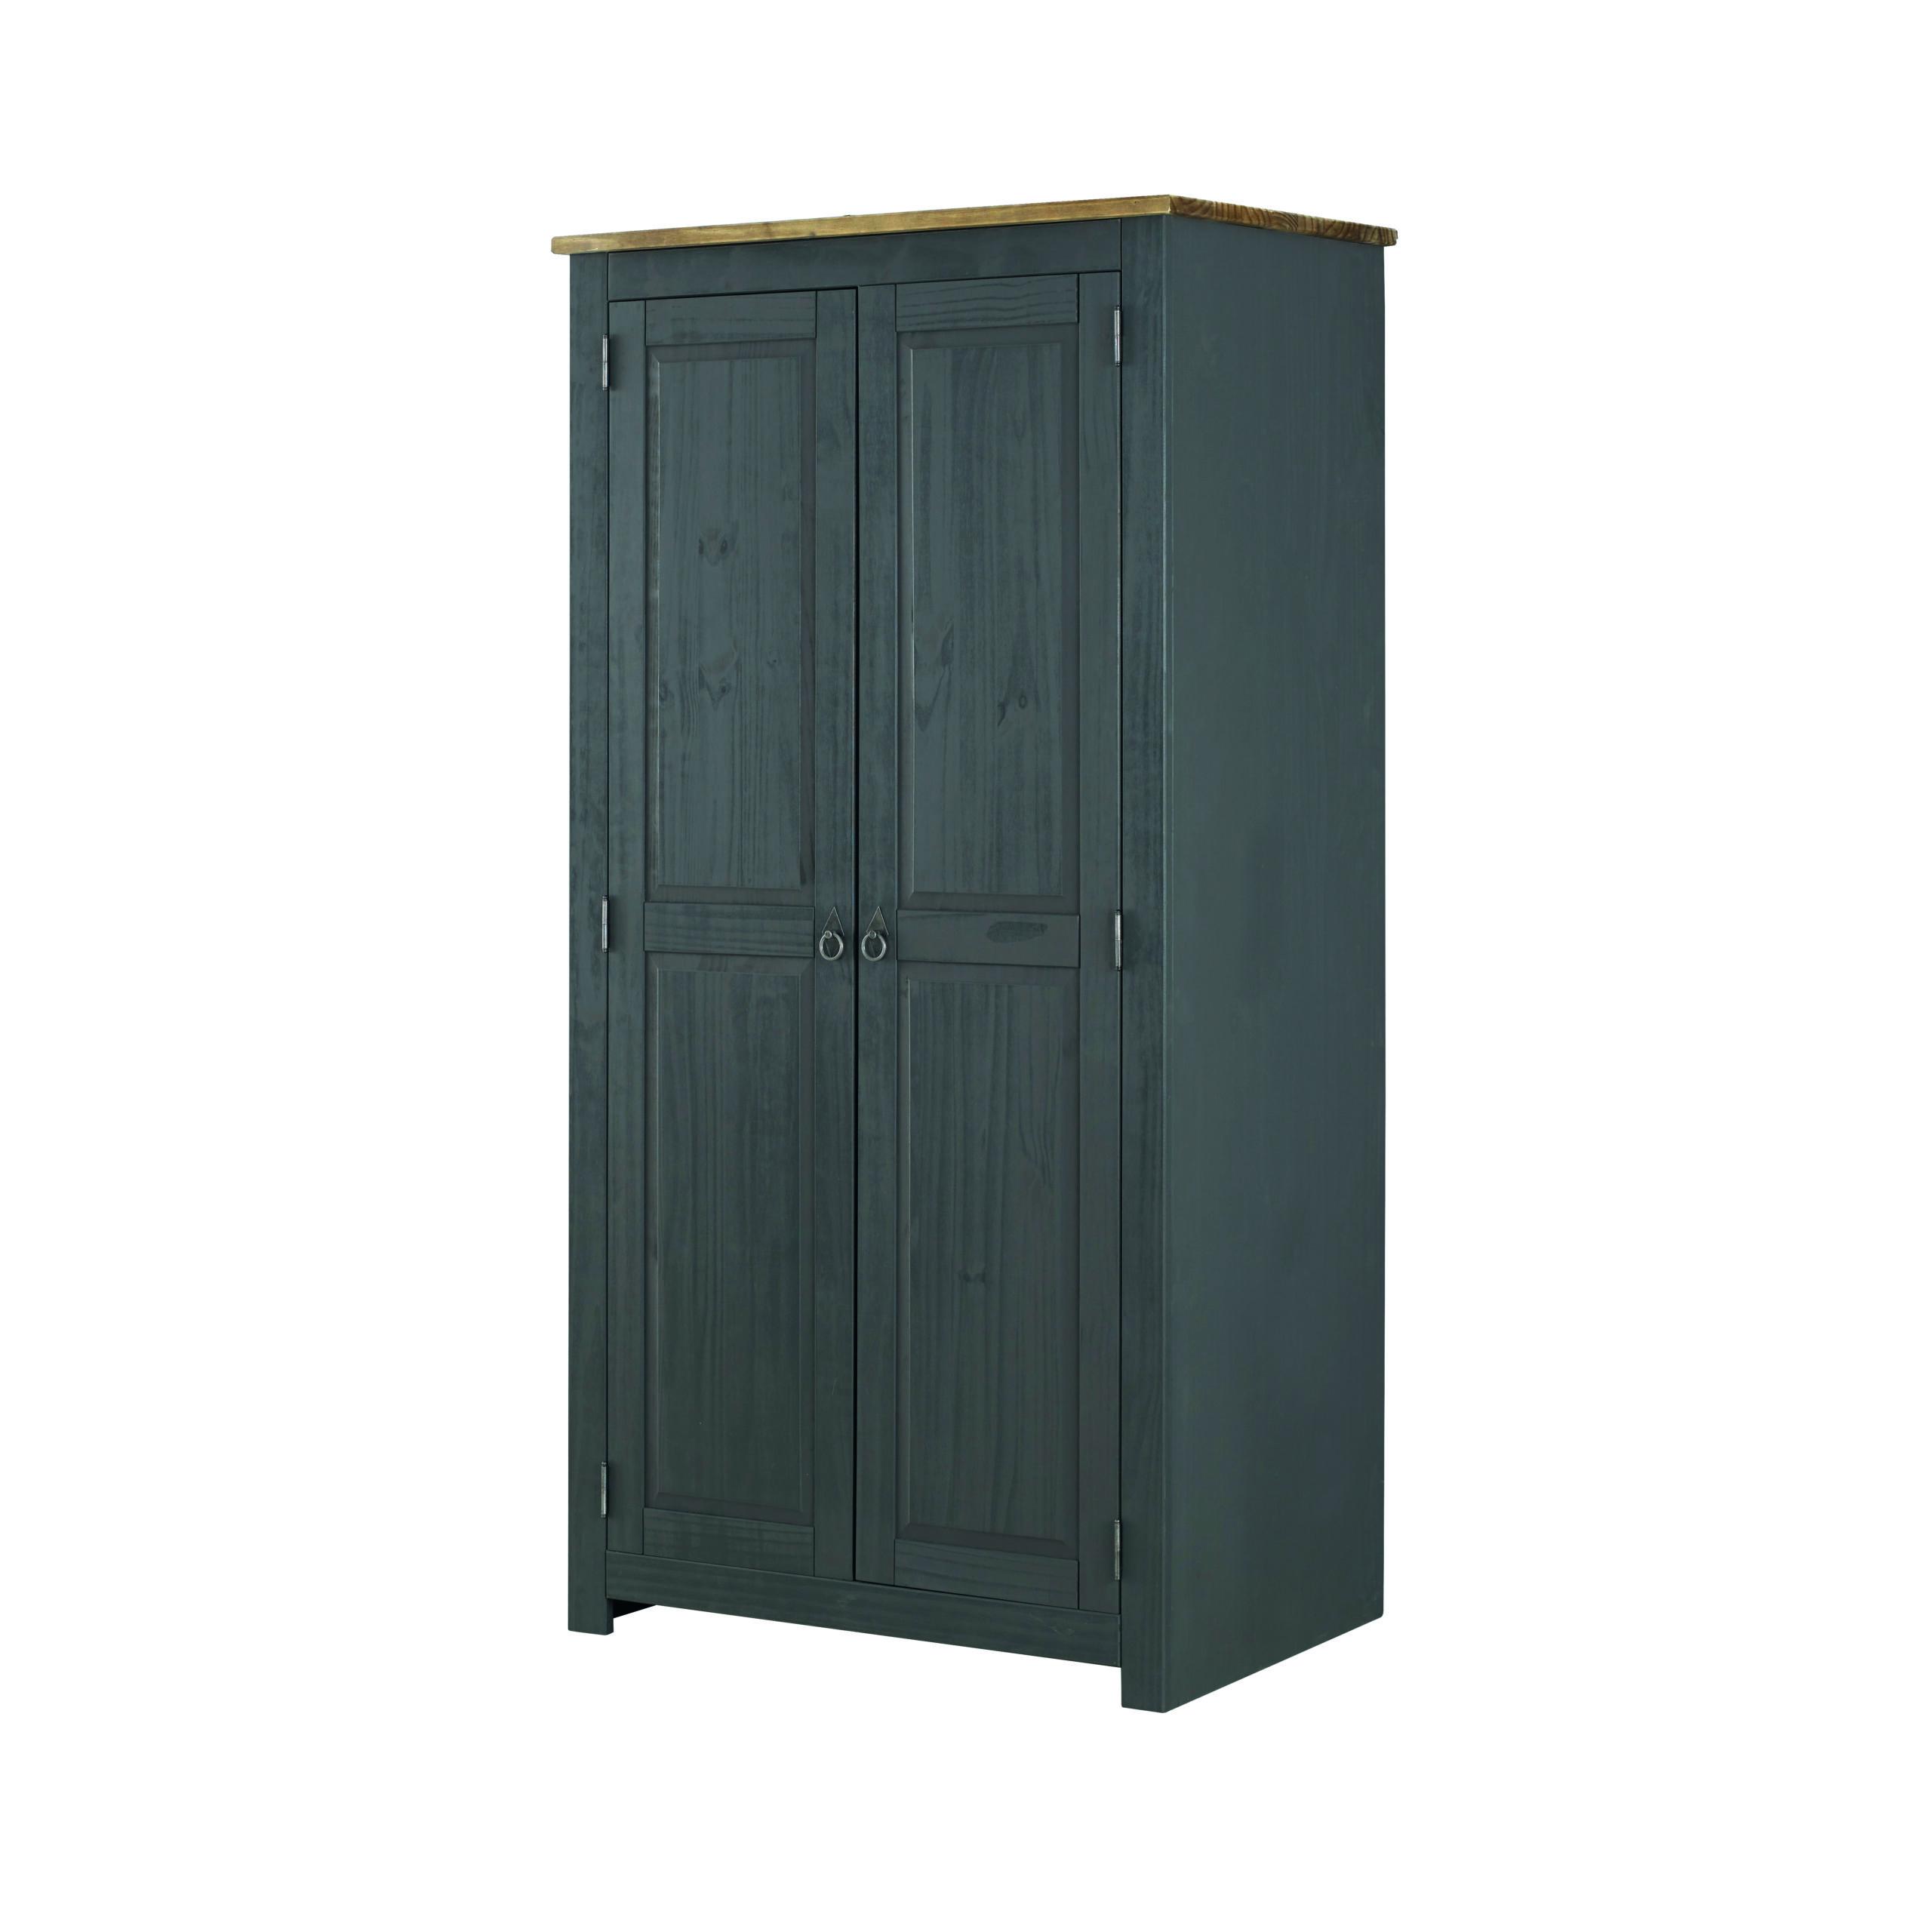 Caladonea Carbon 2 door wardrobe